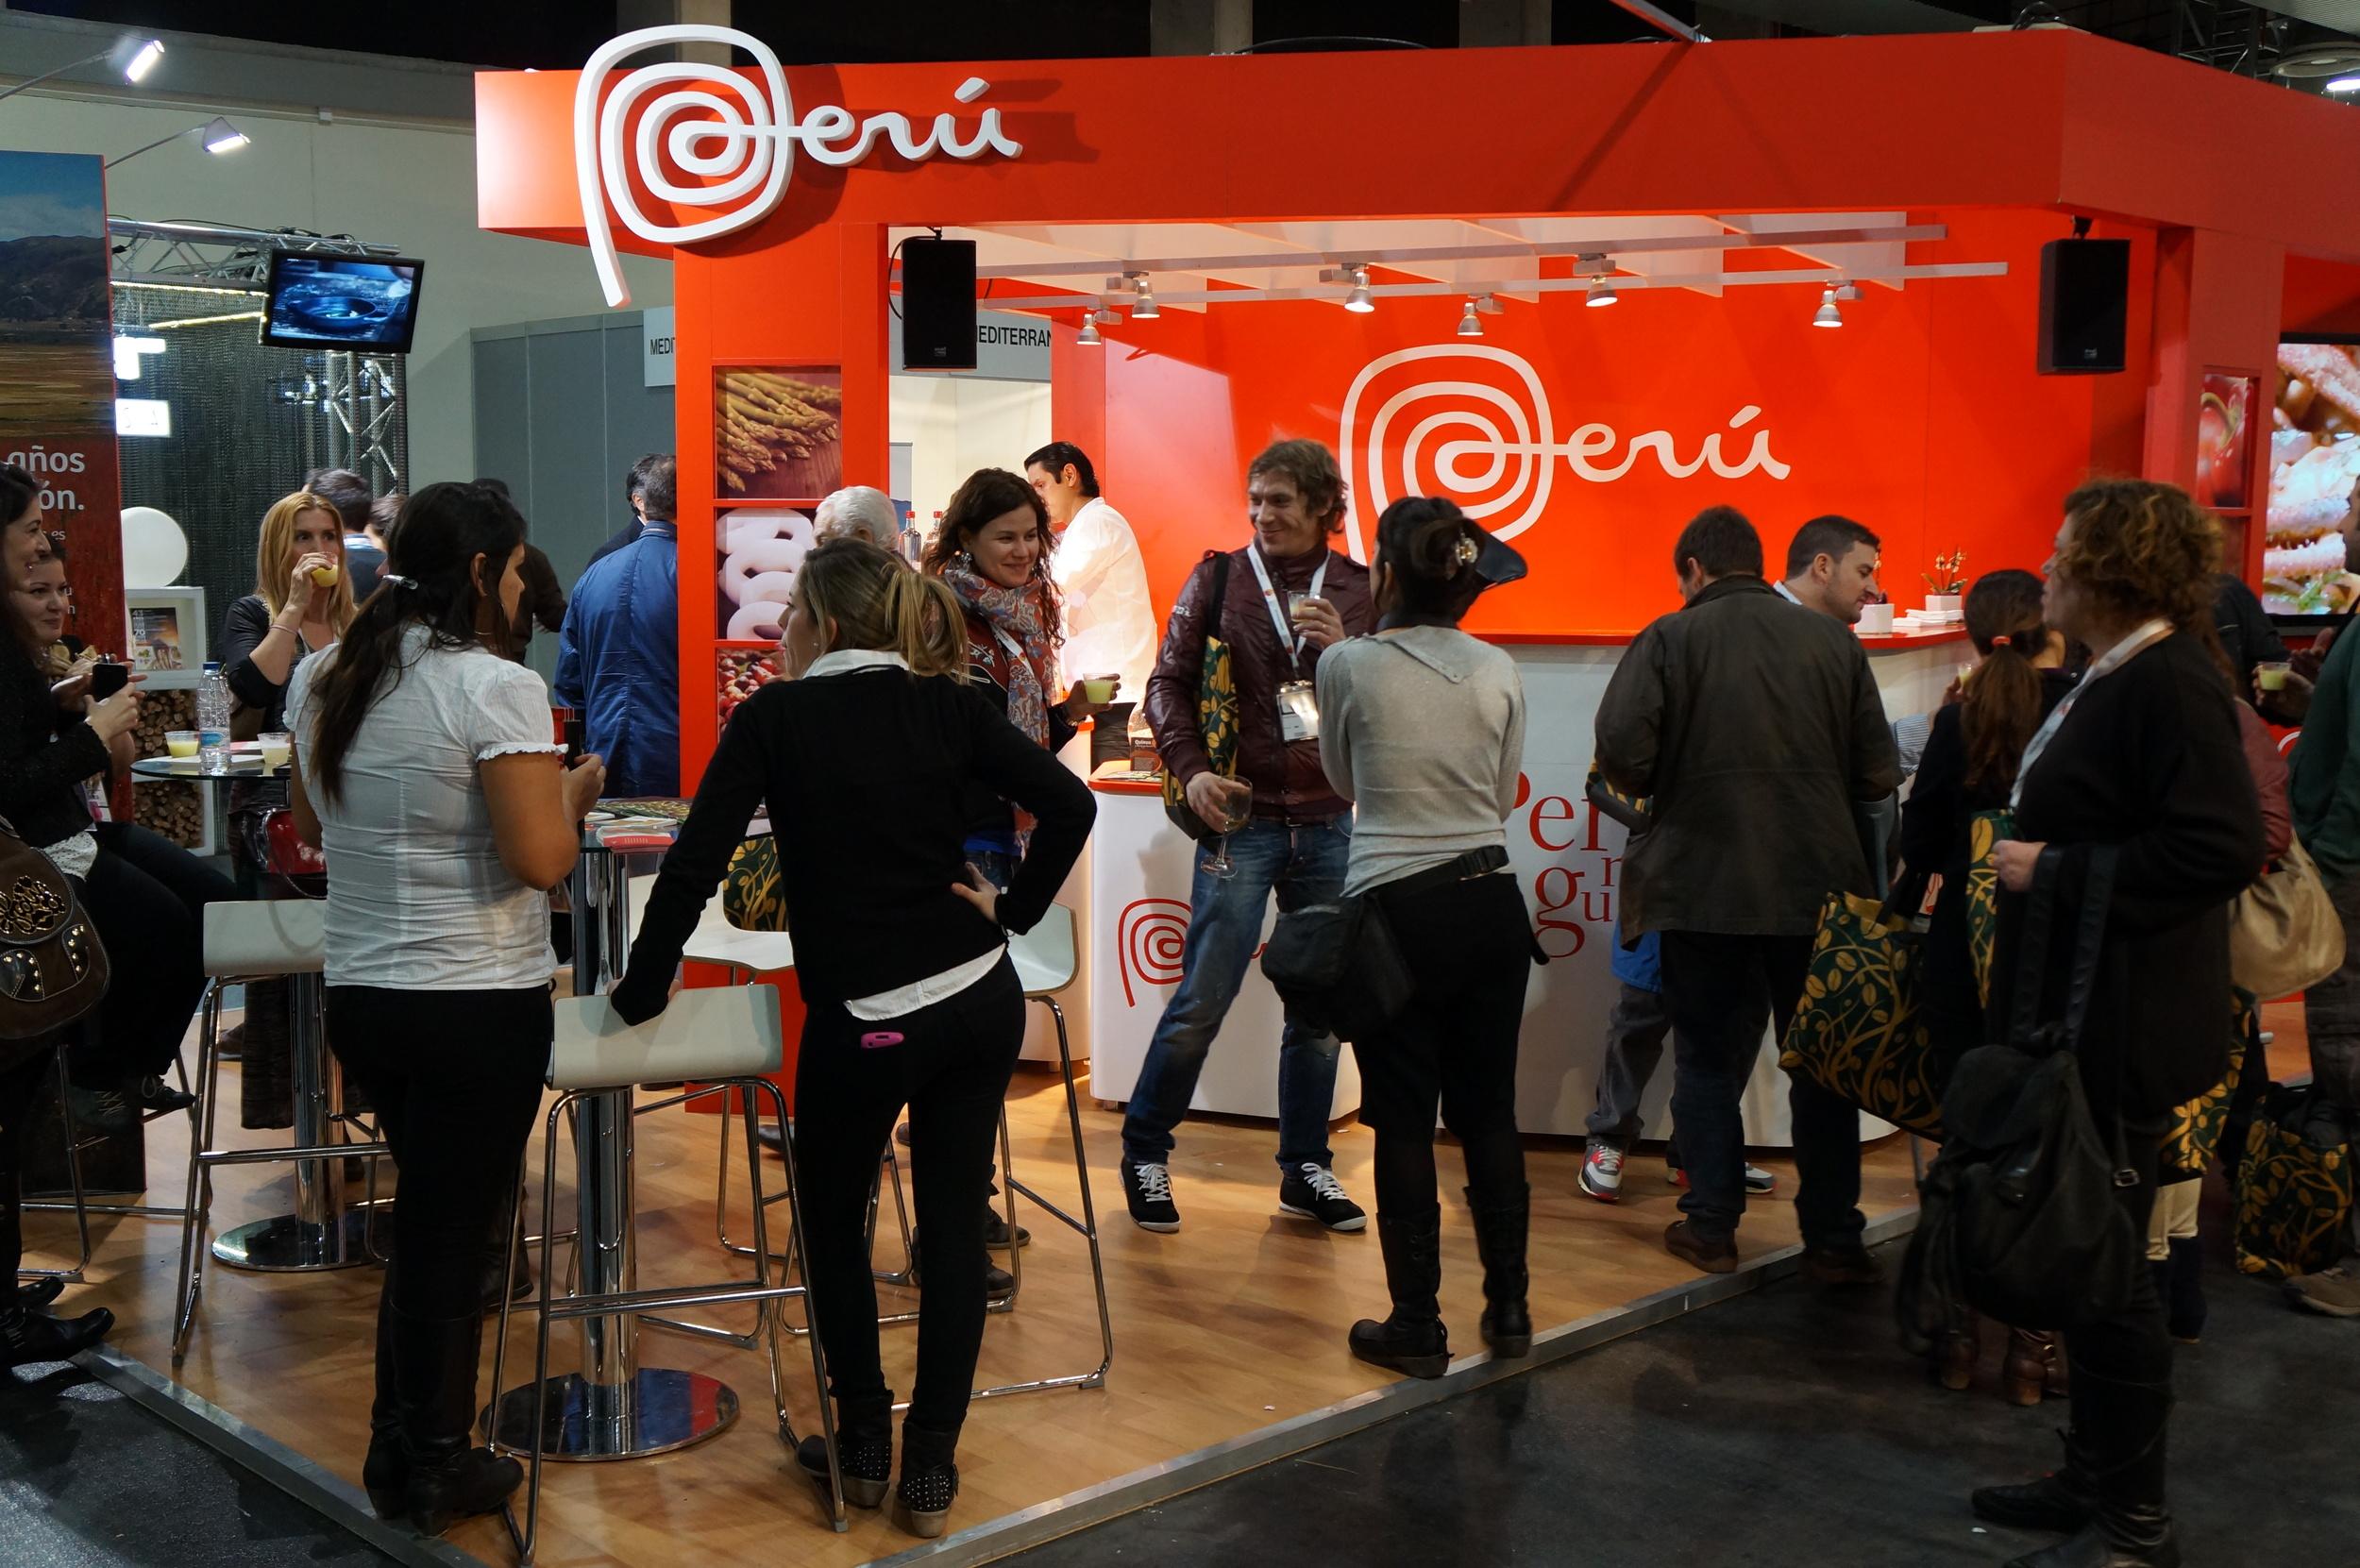 Perú y su cocina, uno de los infaltables hoy en los eventos gastronómicos del mundo.